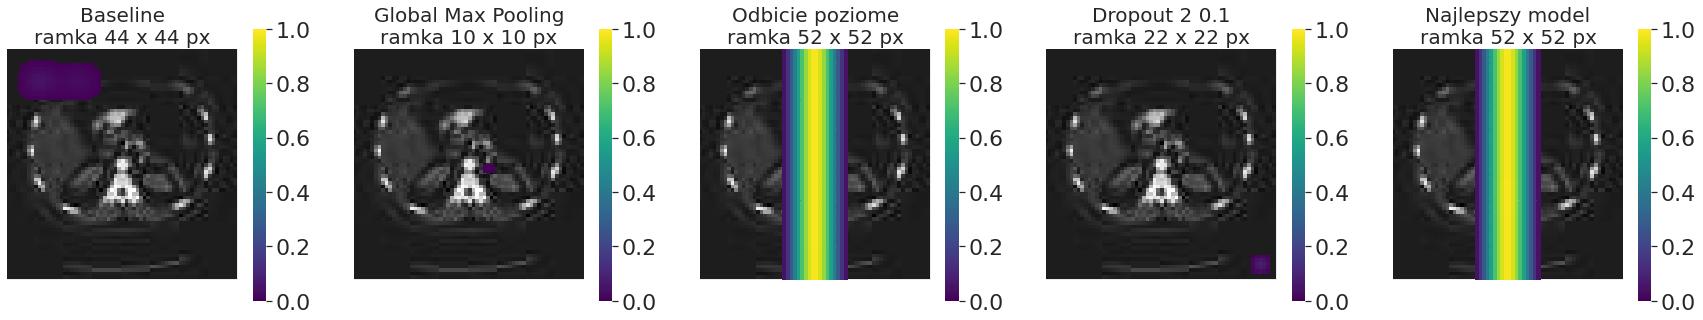 Occlusion sensitivity różnych modeli trenowanych na generatorze obrazów dla najmniejszego rozmiaru ramki zmieniającego predykcję